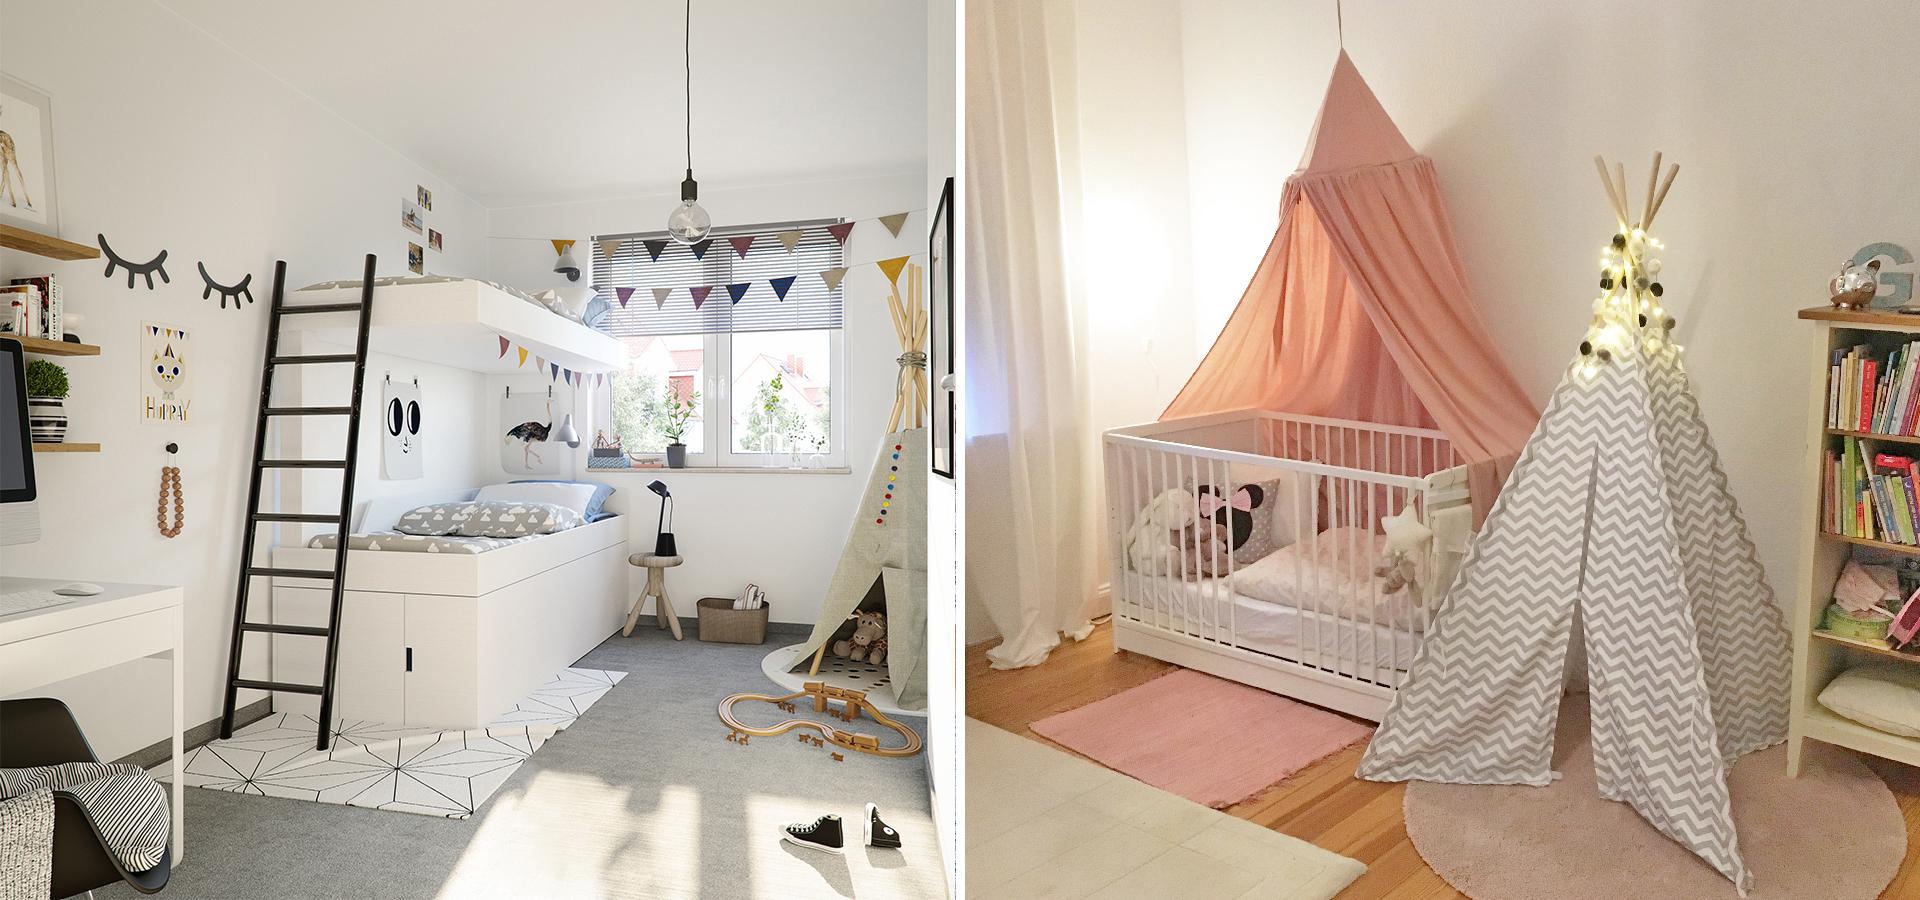 Full Size of Kinderzimmer Einrichten Tipps Fr Eltern Bonava Regal Weiß Regale Sofa Kinderzimmer Einrichtung Kinderzimmer